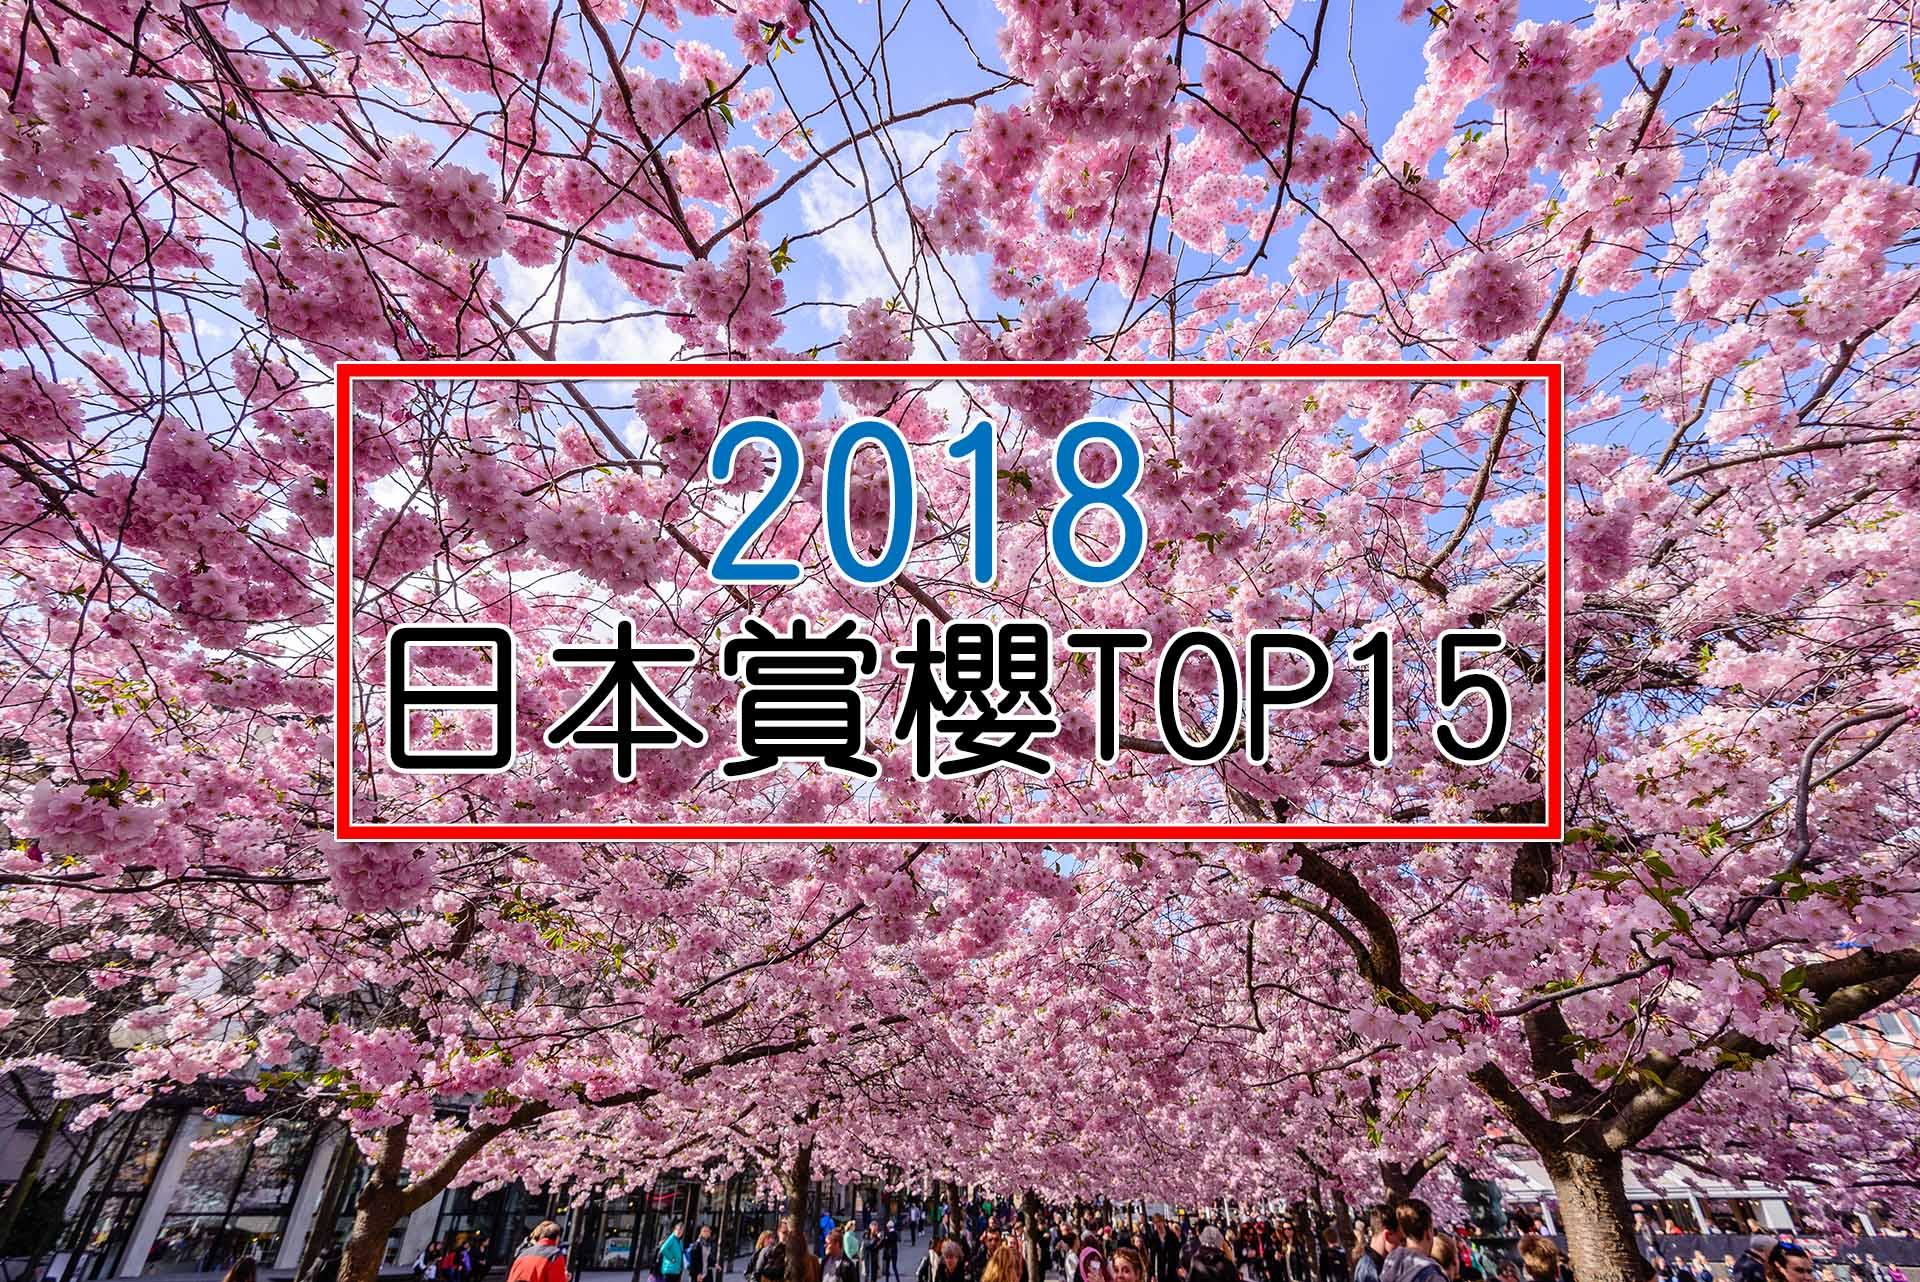 日本賞櫻景點top15